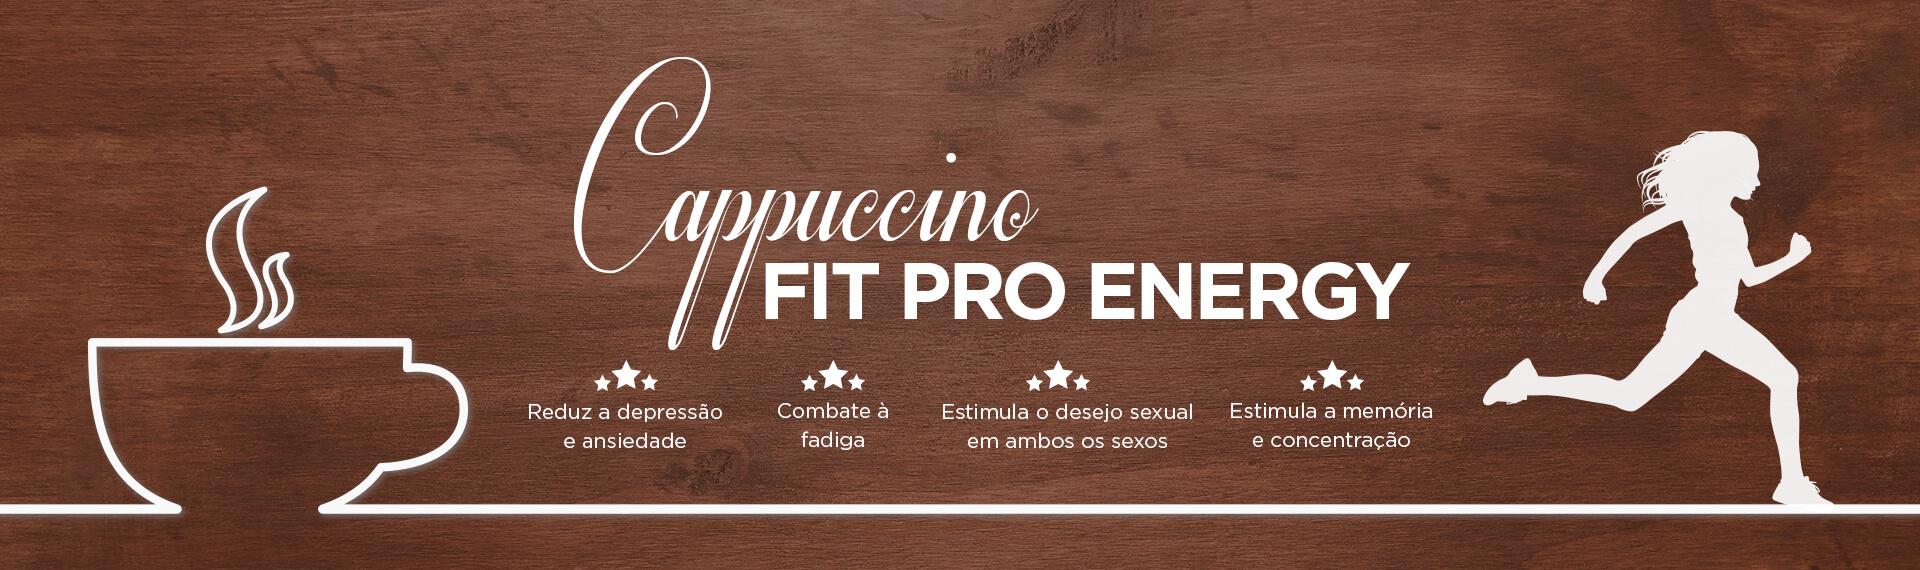 Cappuccino FitPRO